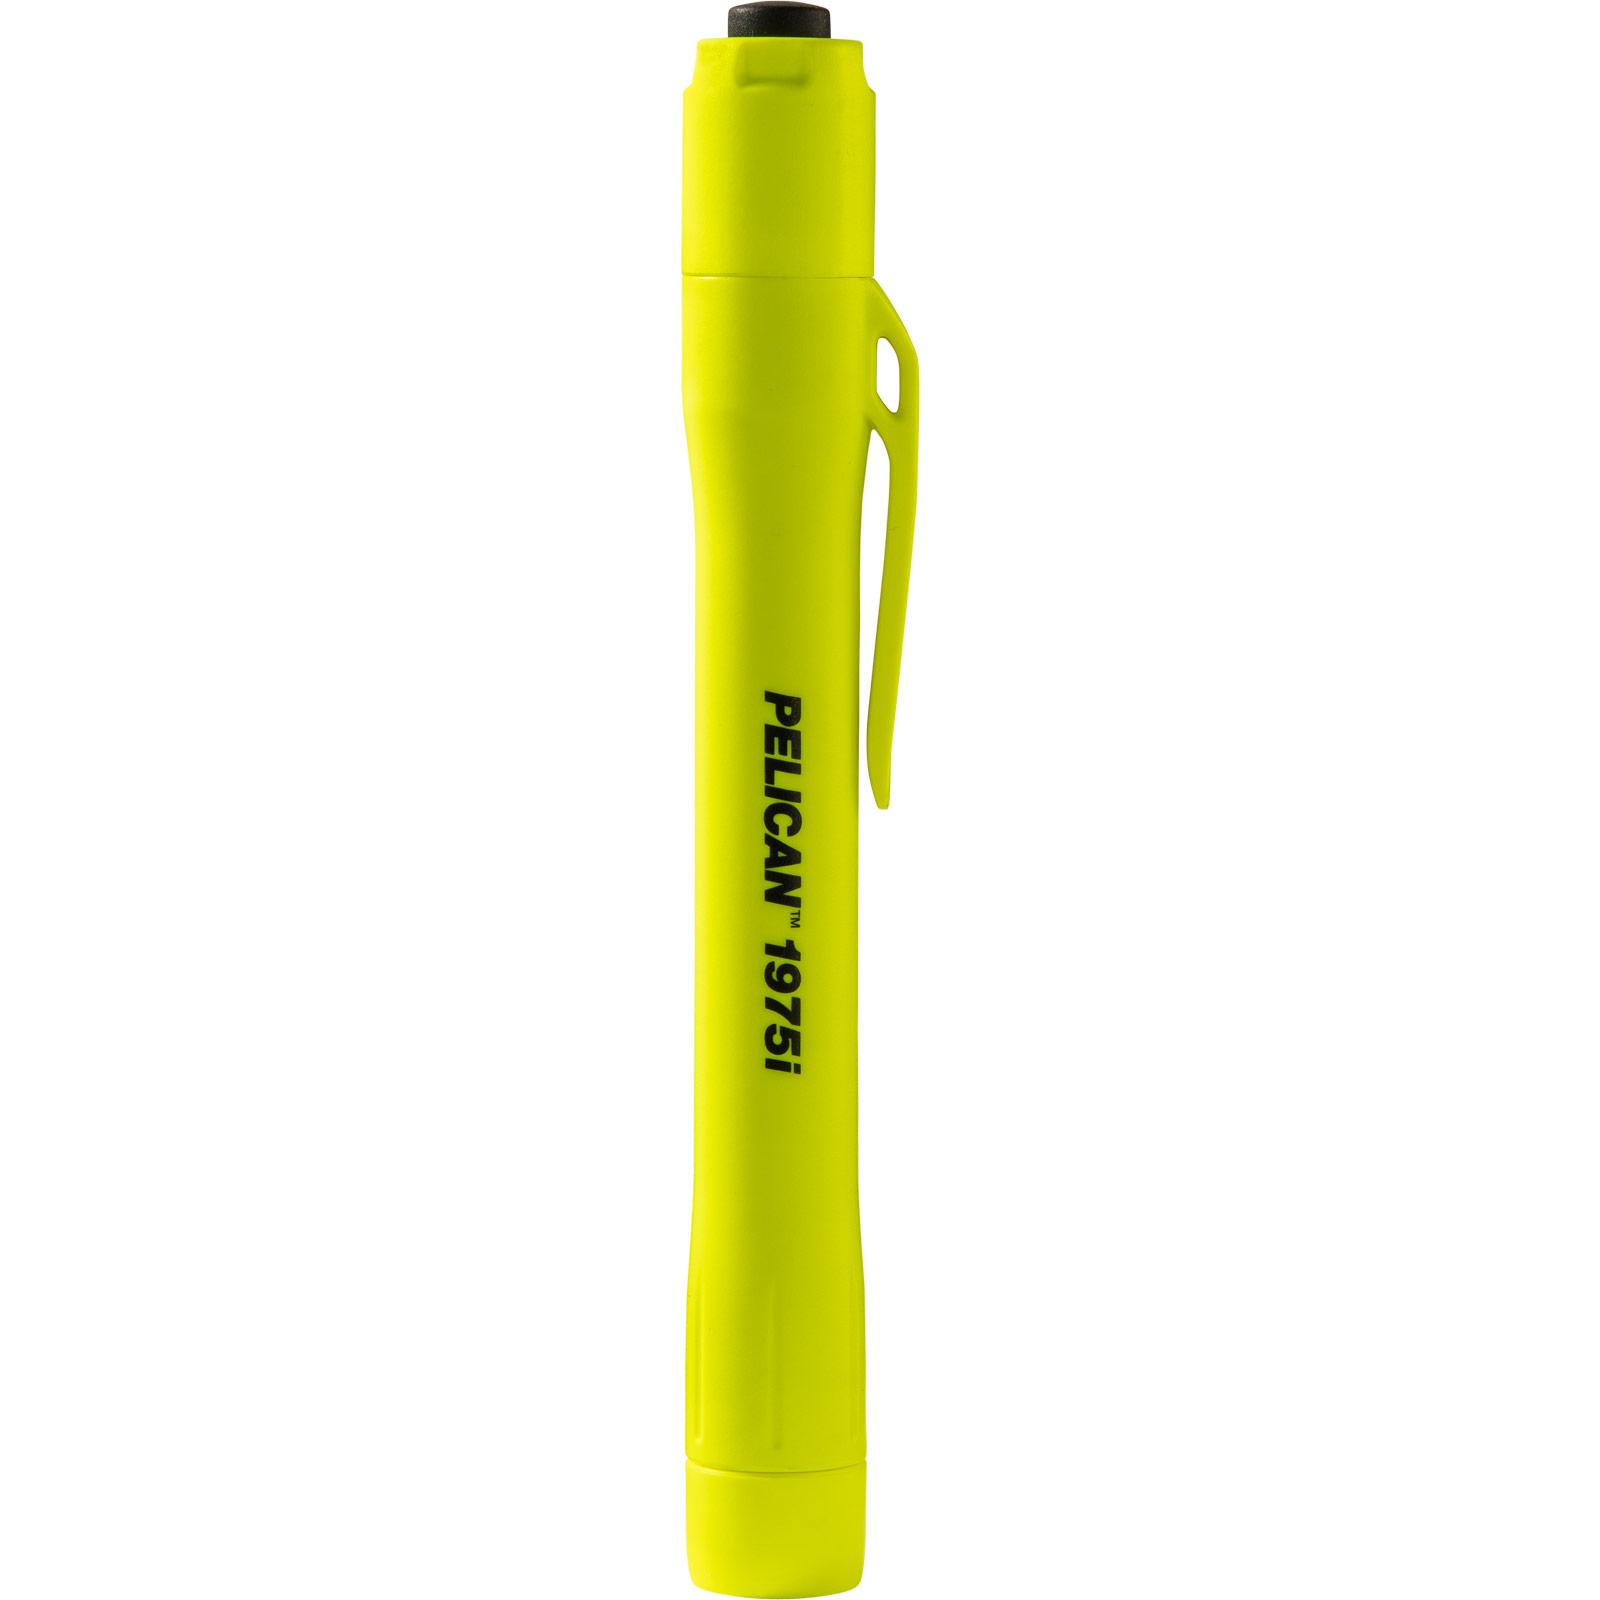 pelican flashlight 1975i safety pen light